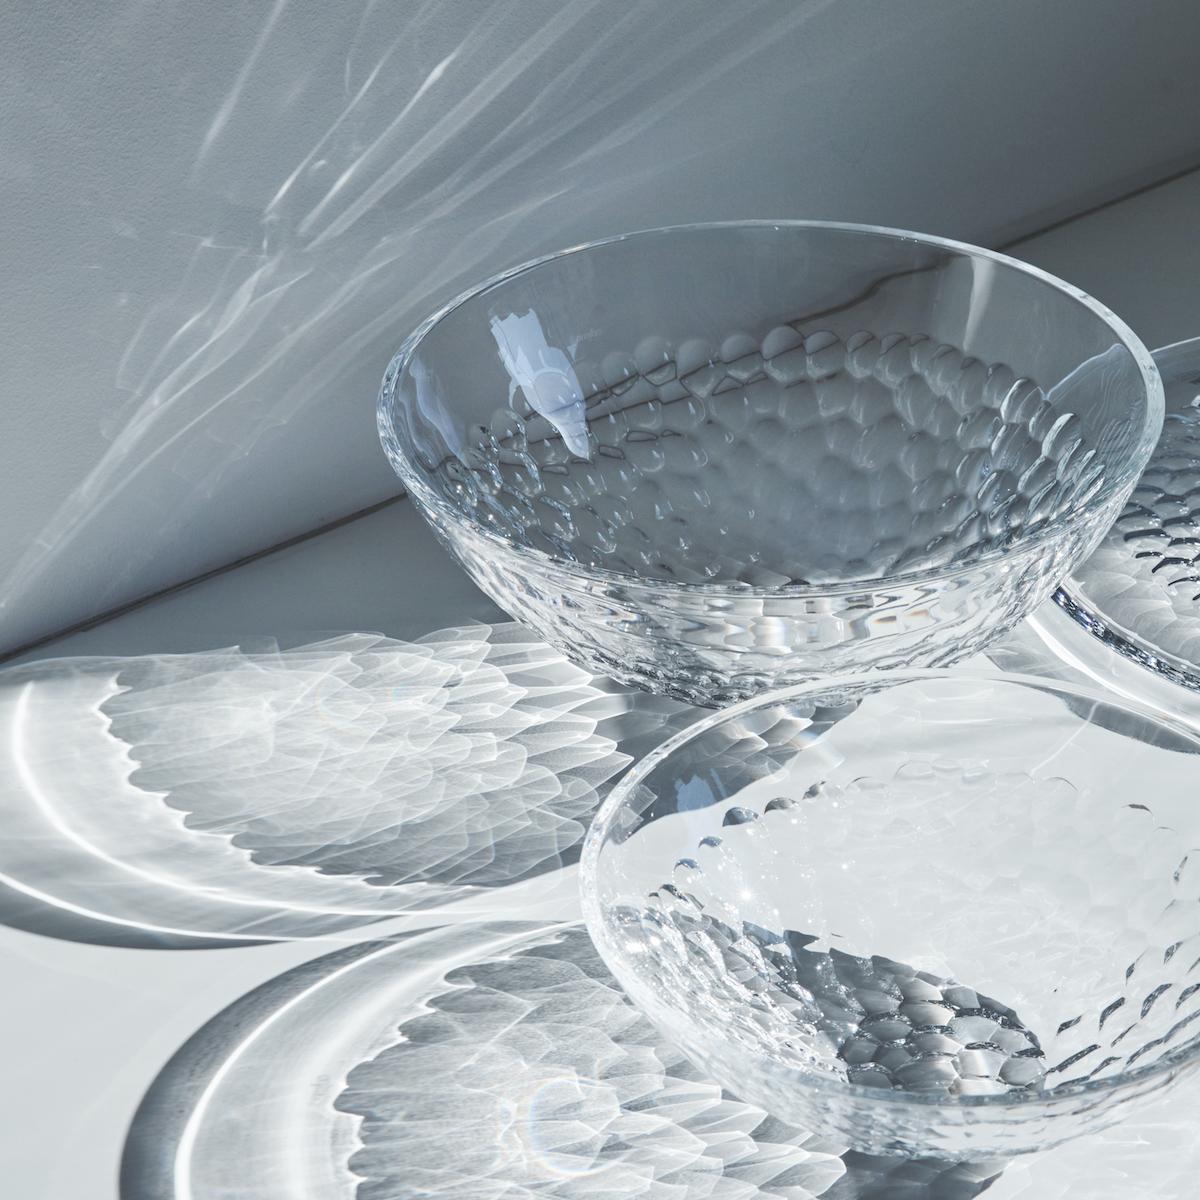 欧州のガラスと過ごす、みずみずしい夏   涼しくて美しい、透明の世界